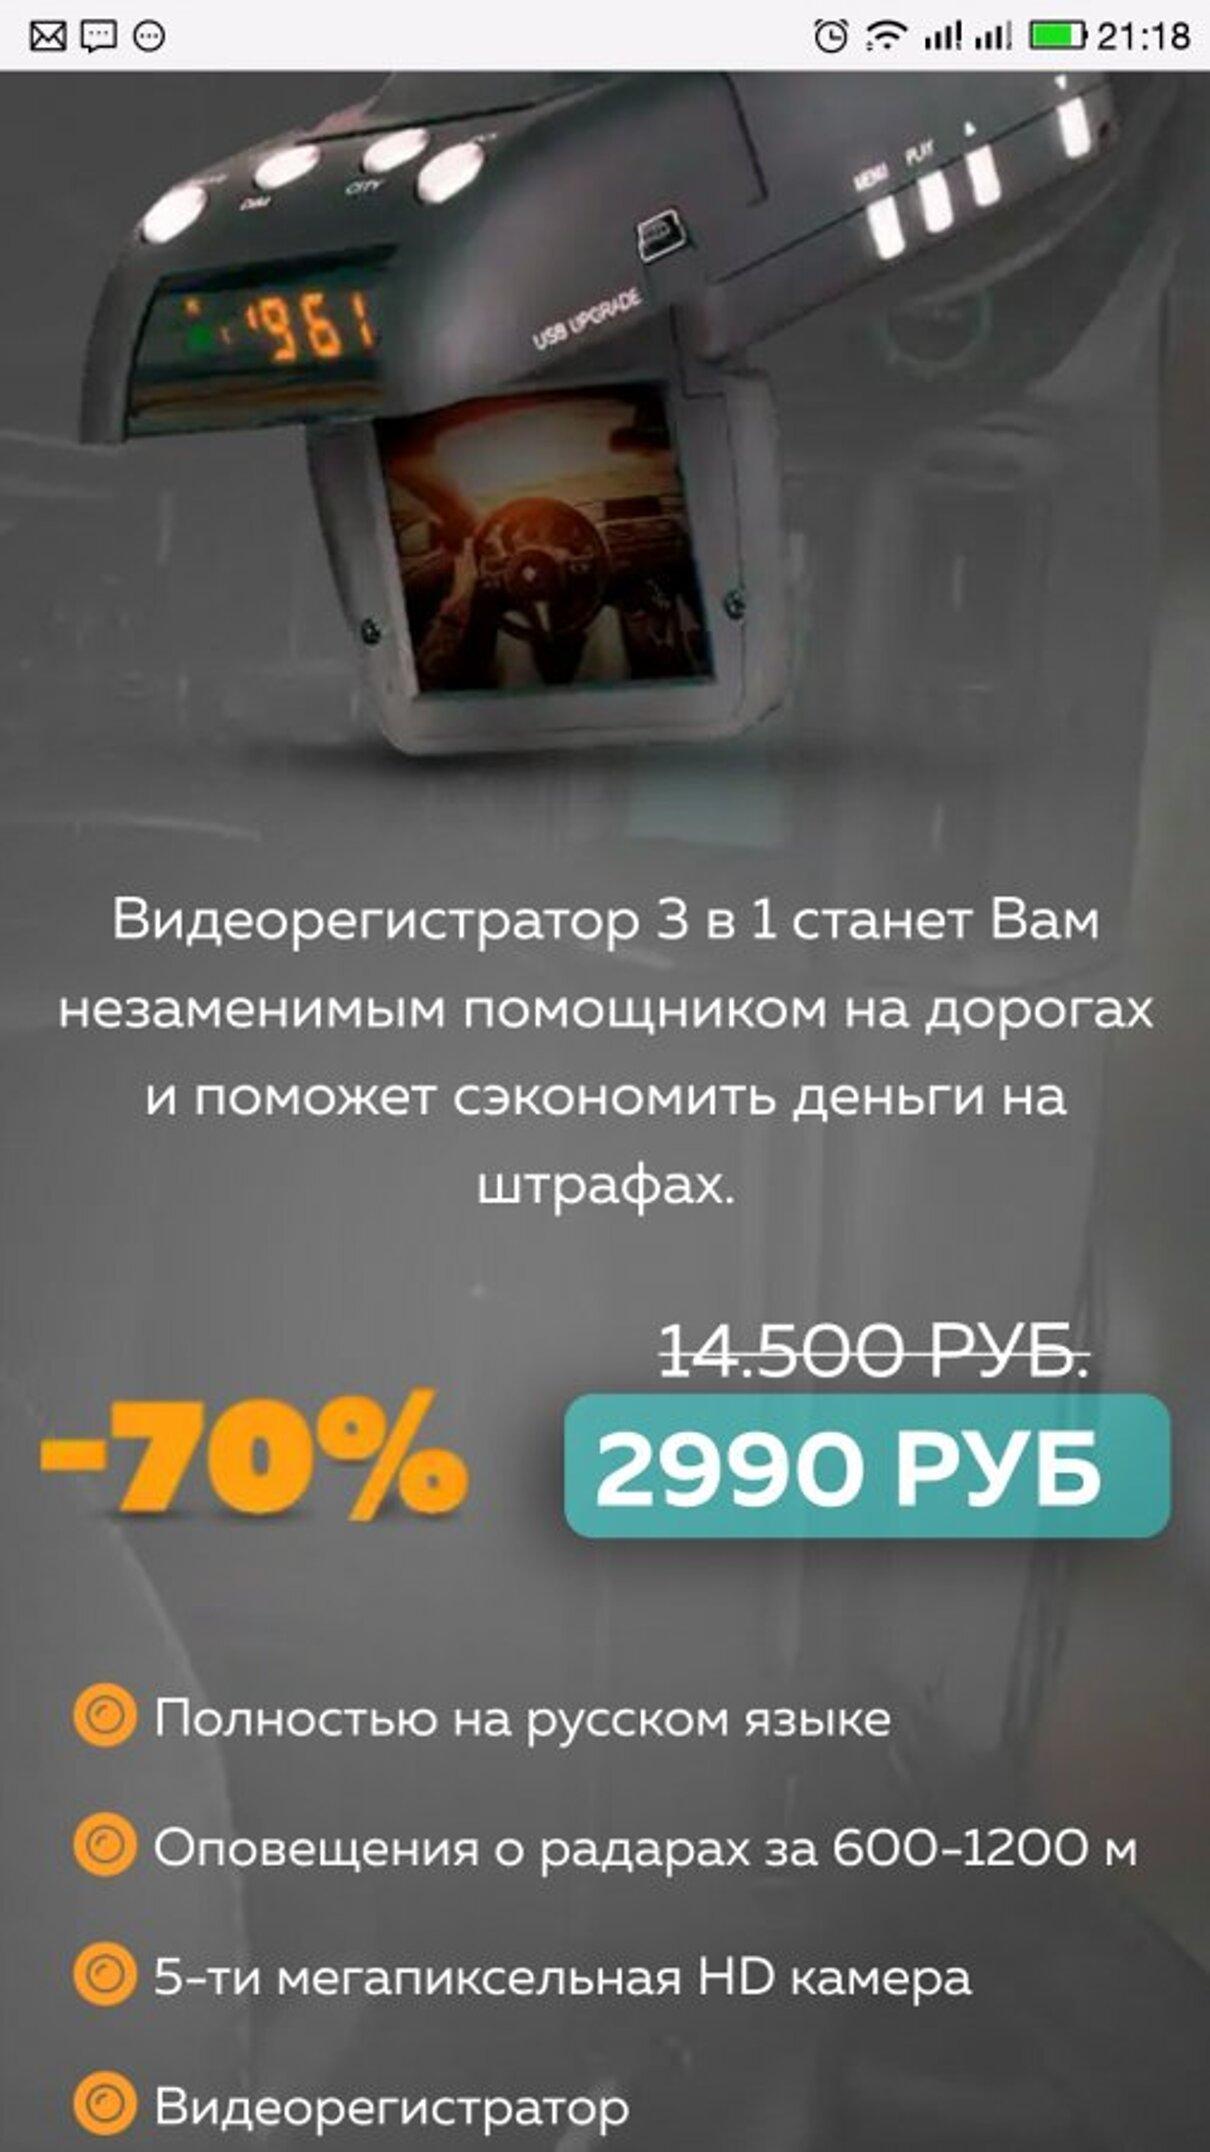 """Жалоба-отзыв: """"ИНФИНИТ РИТЕЙЛ"""" (ЕСПП 026352) - Прислали не то, что заказывал. 3в1, а пришёл простой видеорегистратор.  Фото №1"""